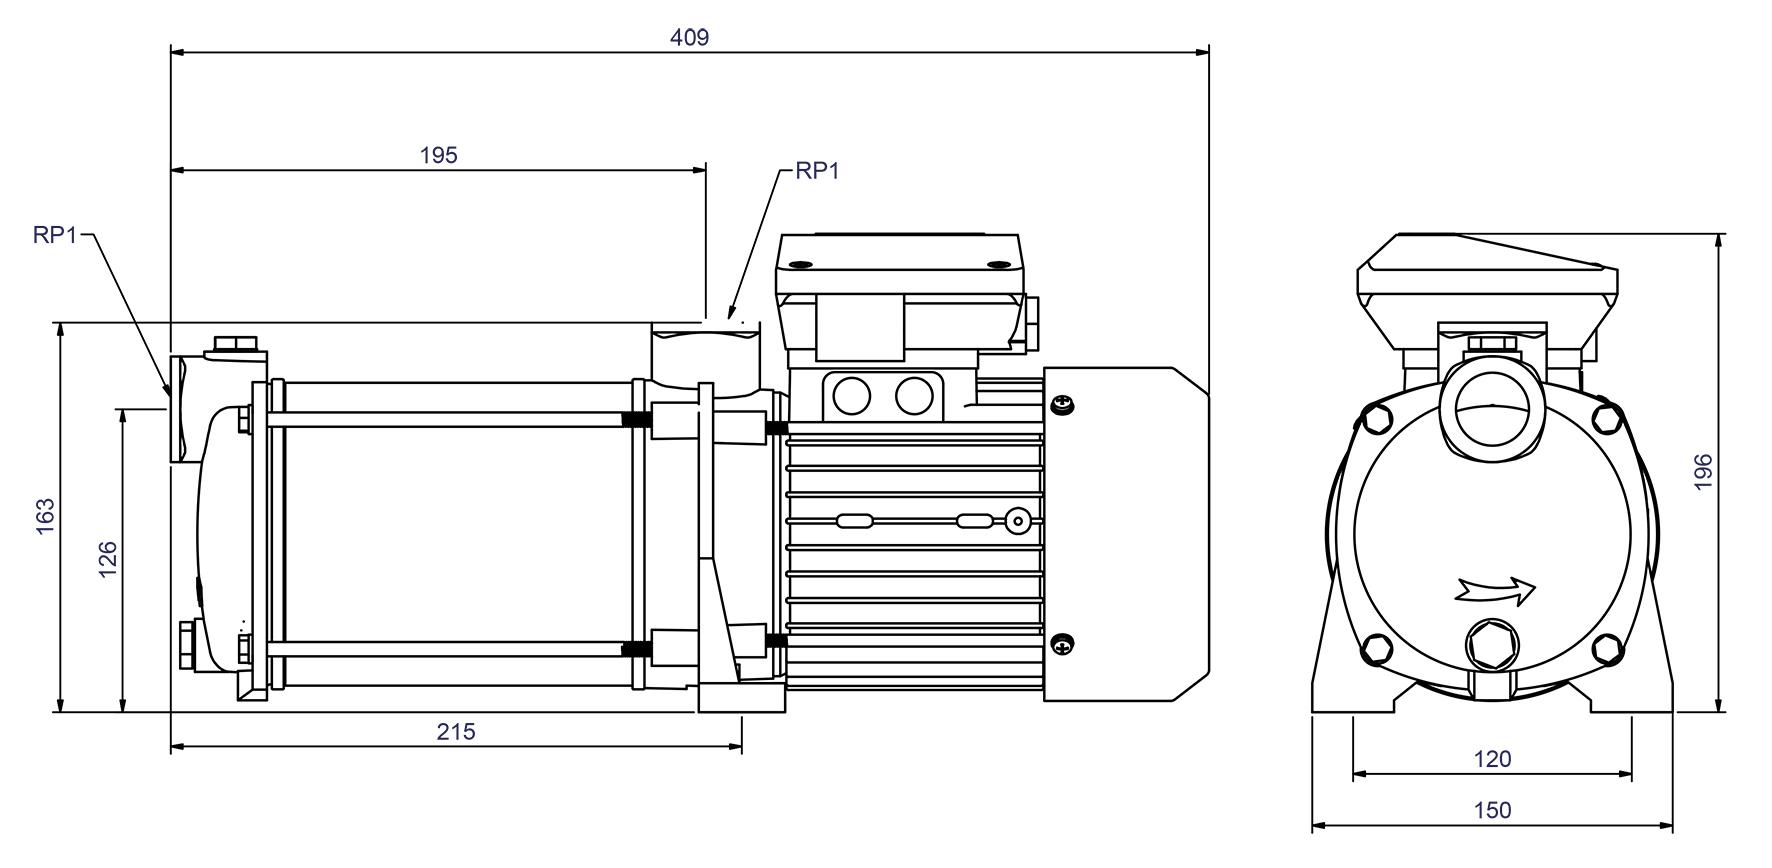 gg 20 datenblatt metallschneidemaschine. Black Bedroom Furniture Sets. Home Design Ideas